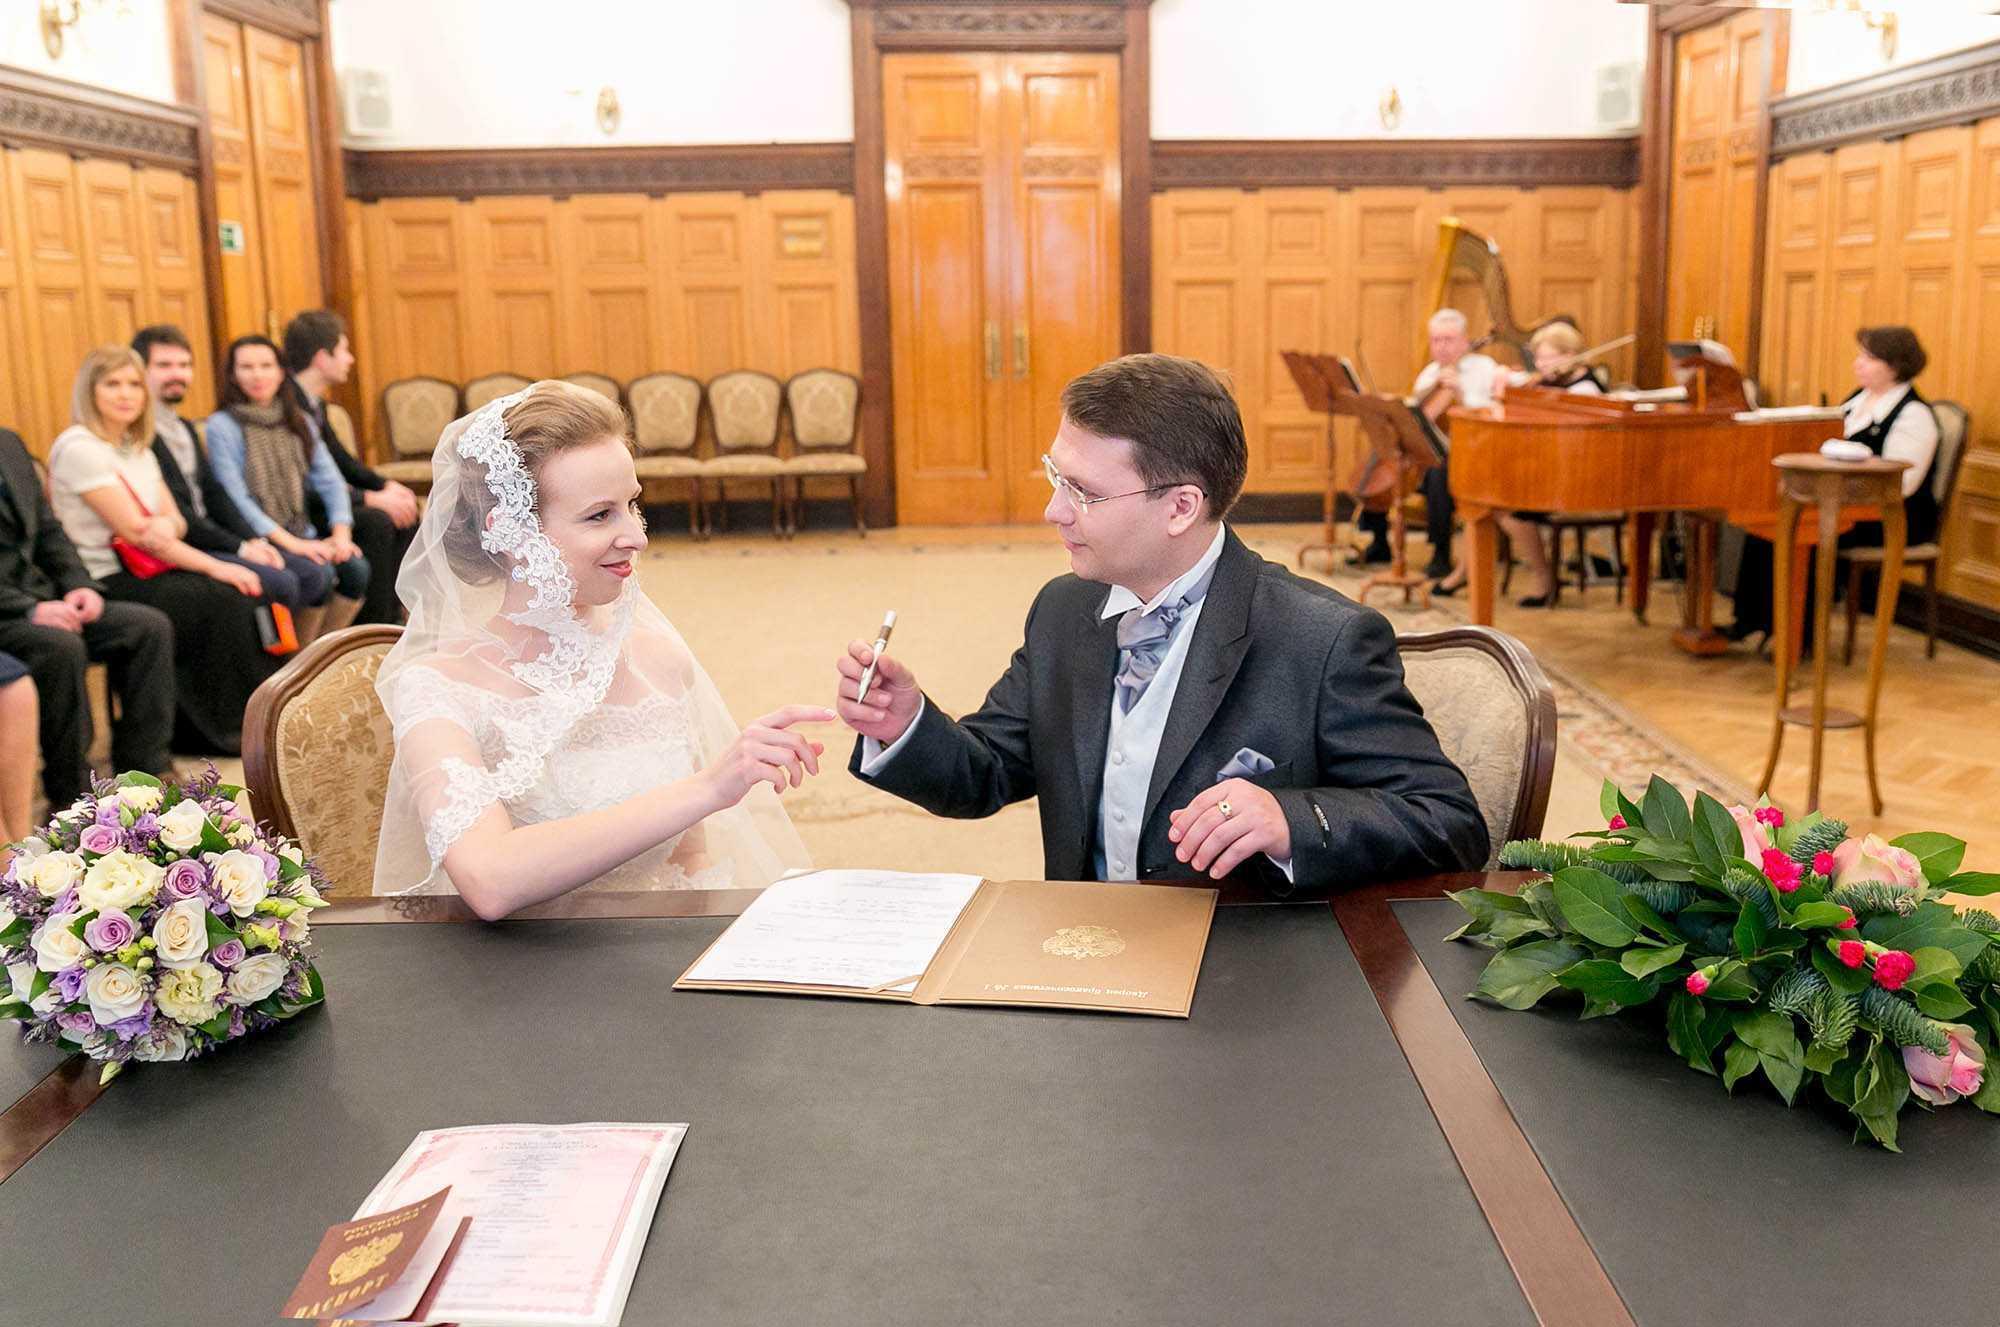 фотограф на свадьбу грибоедовкий загс